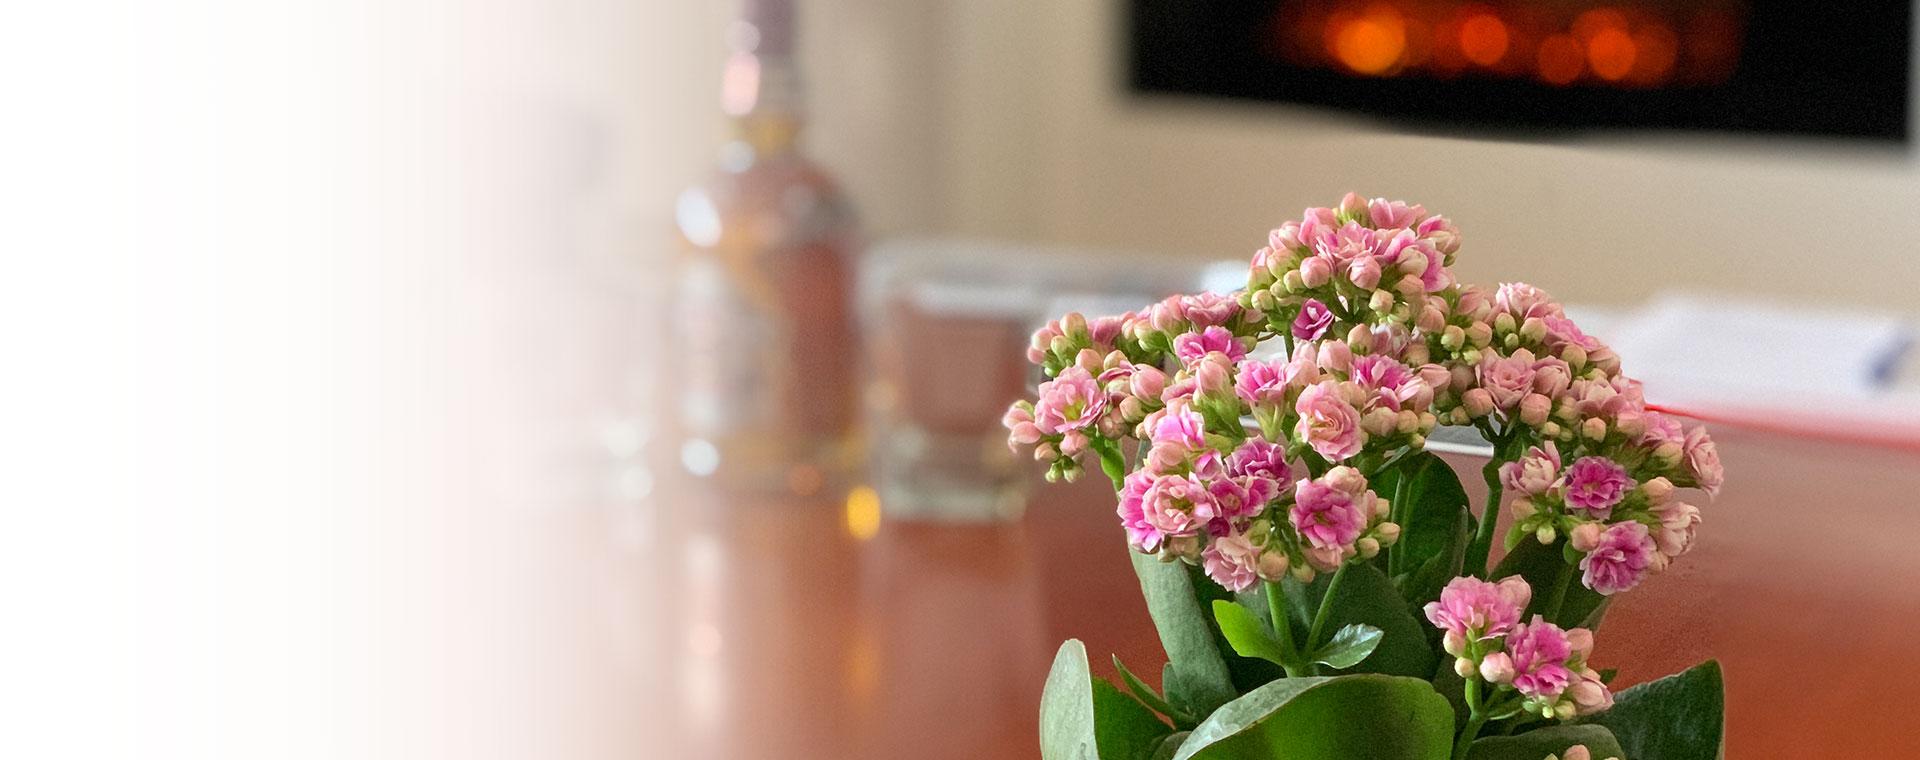 Madame Cvećara | Sve vrste sobnog cveća